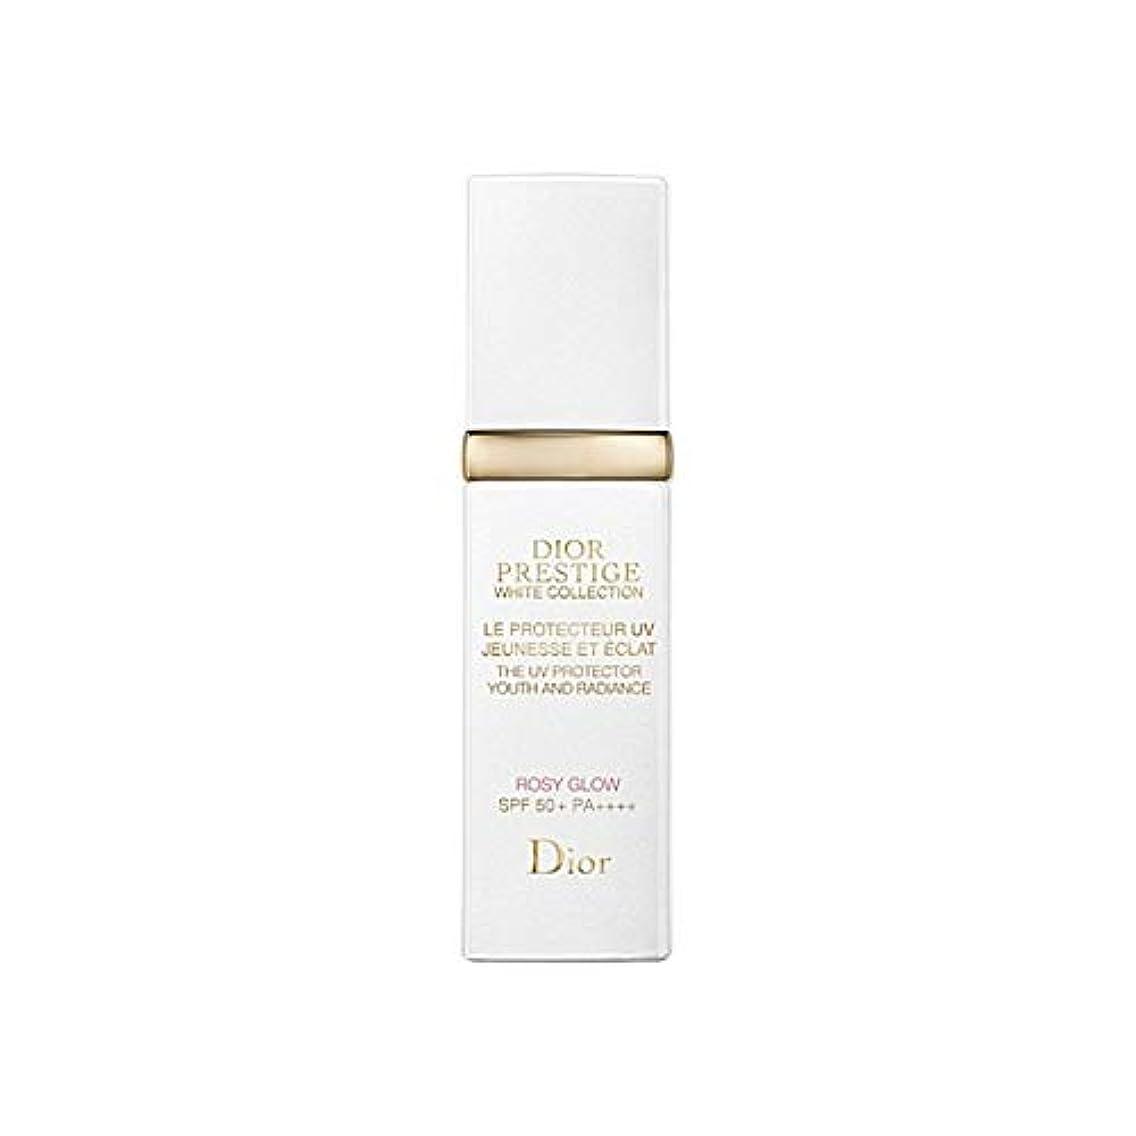 コロニー眉をひそめるエンジン[Dior] ディオールプレステージUvバラ色のグロー30ミリリットル - Dior Prestige Uv Rosy Glow 30ml [並行輸入品]